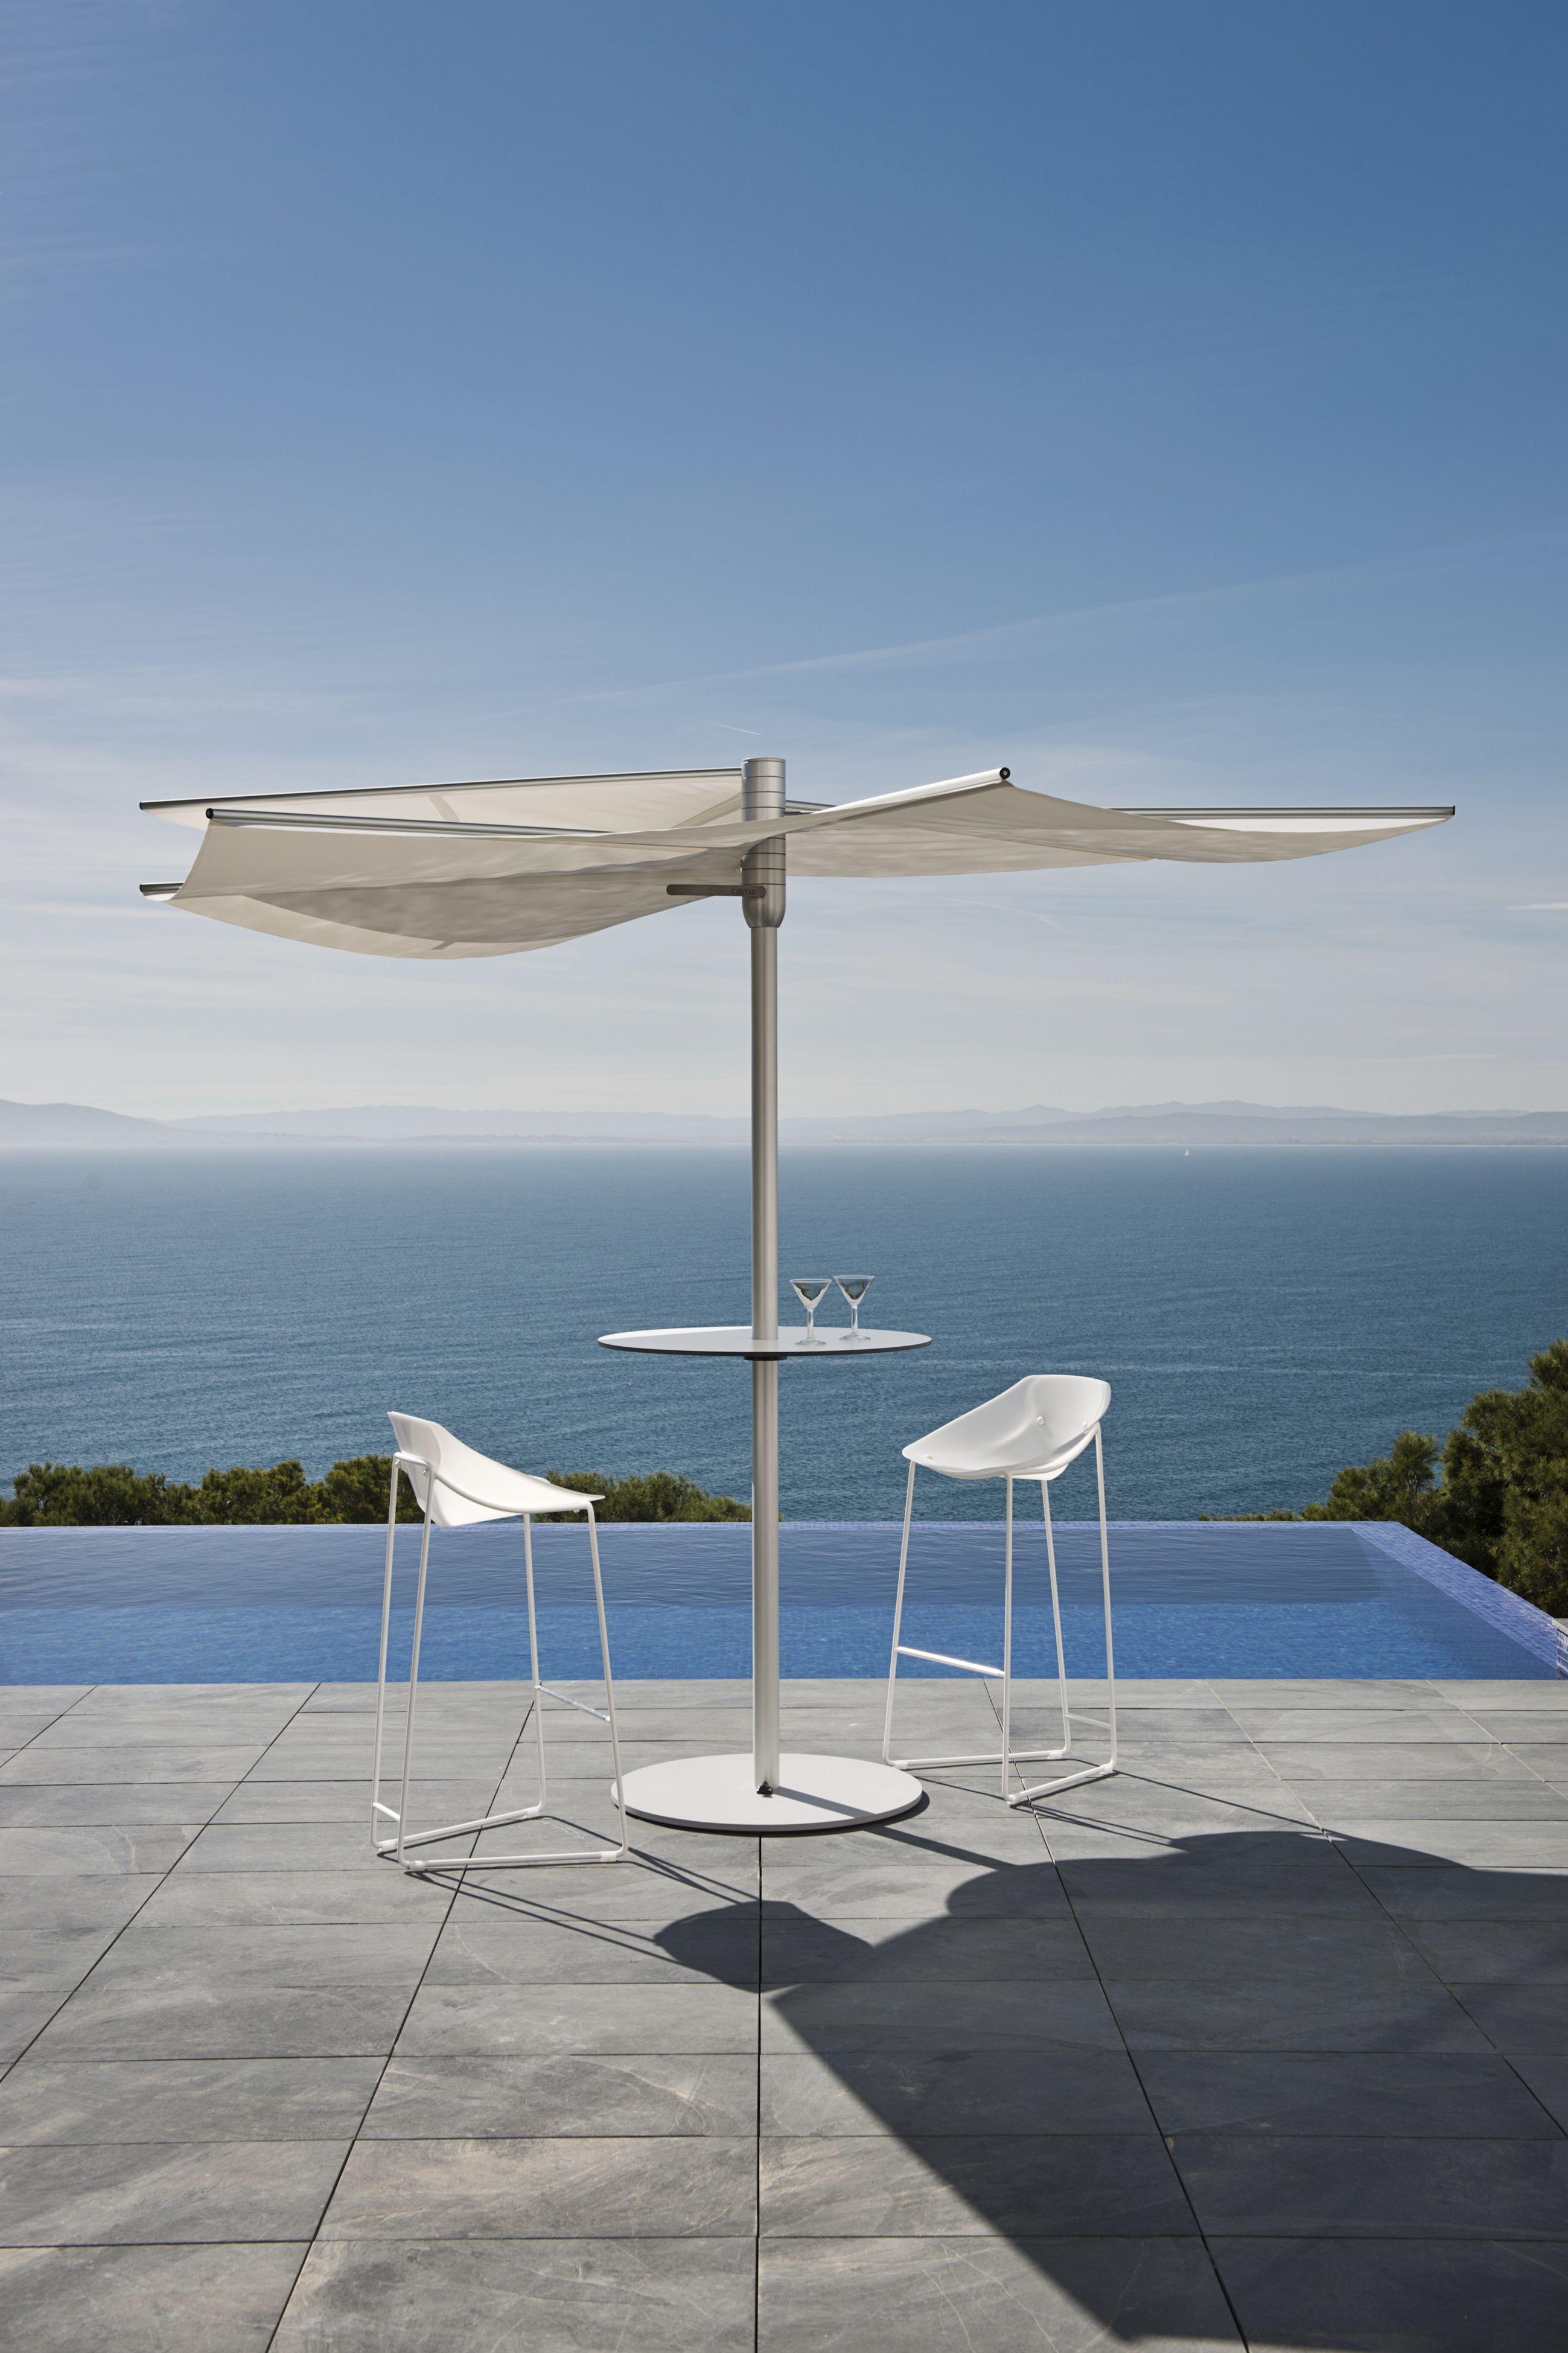 087c7aad74e8575497755b585318277b Meilleur De De Parasol Design Concept